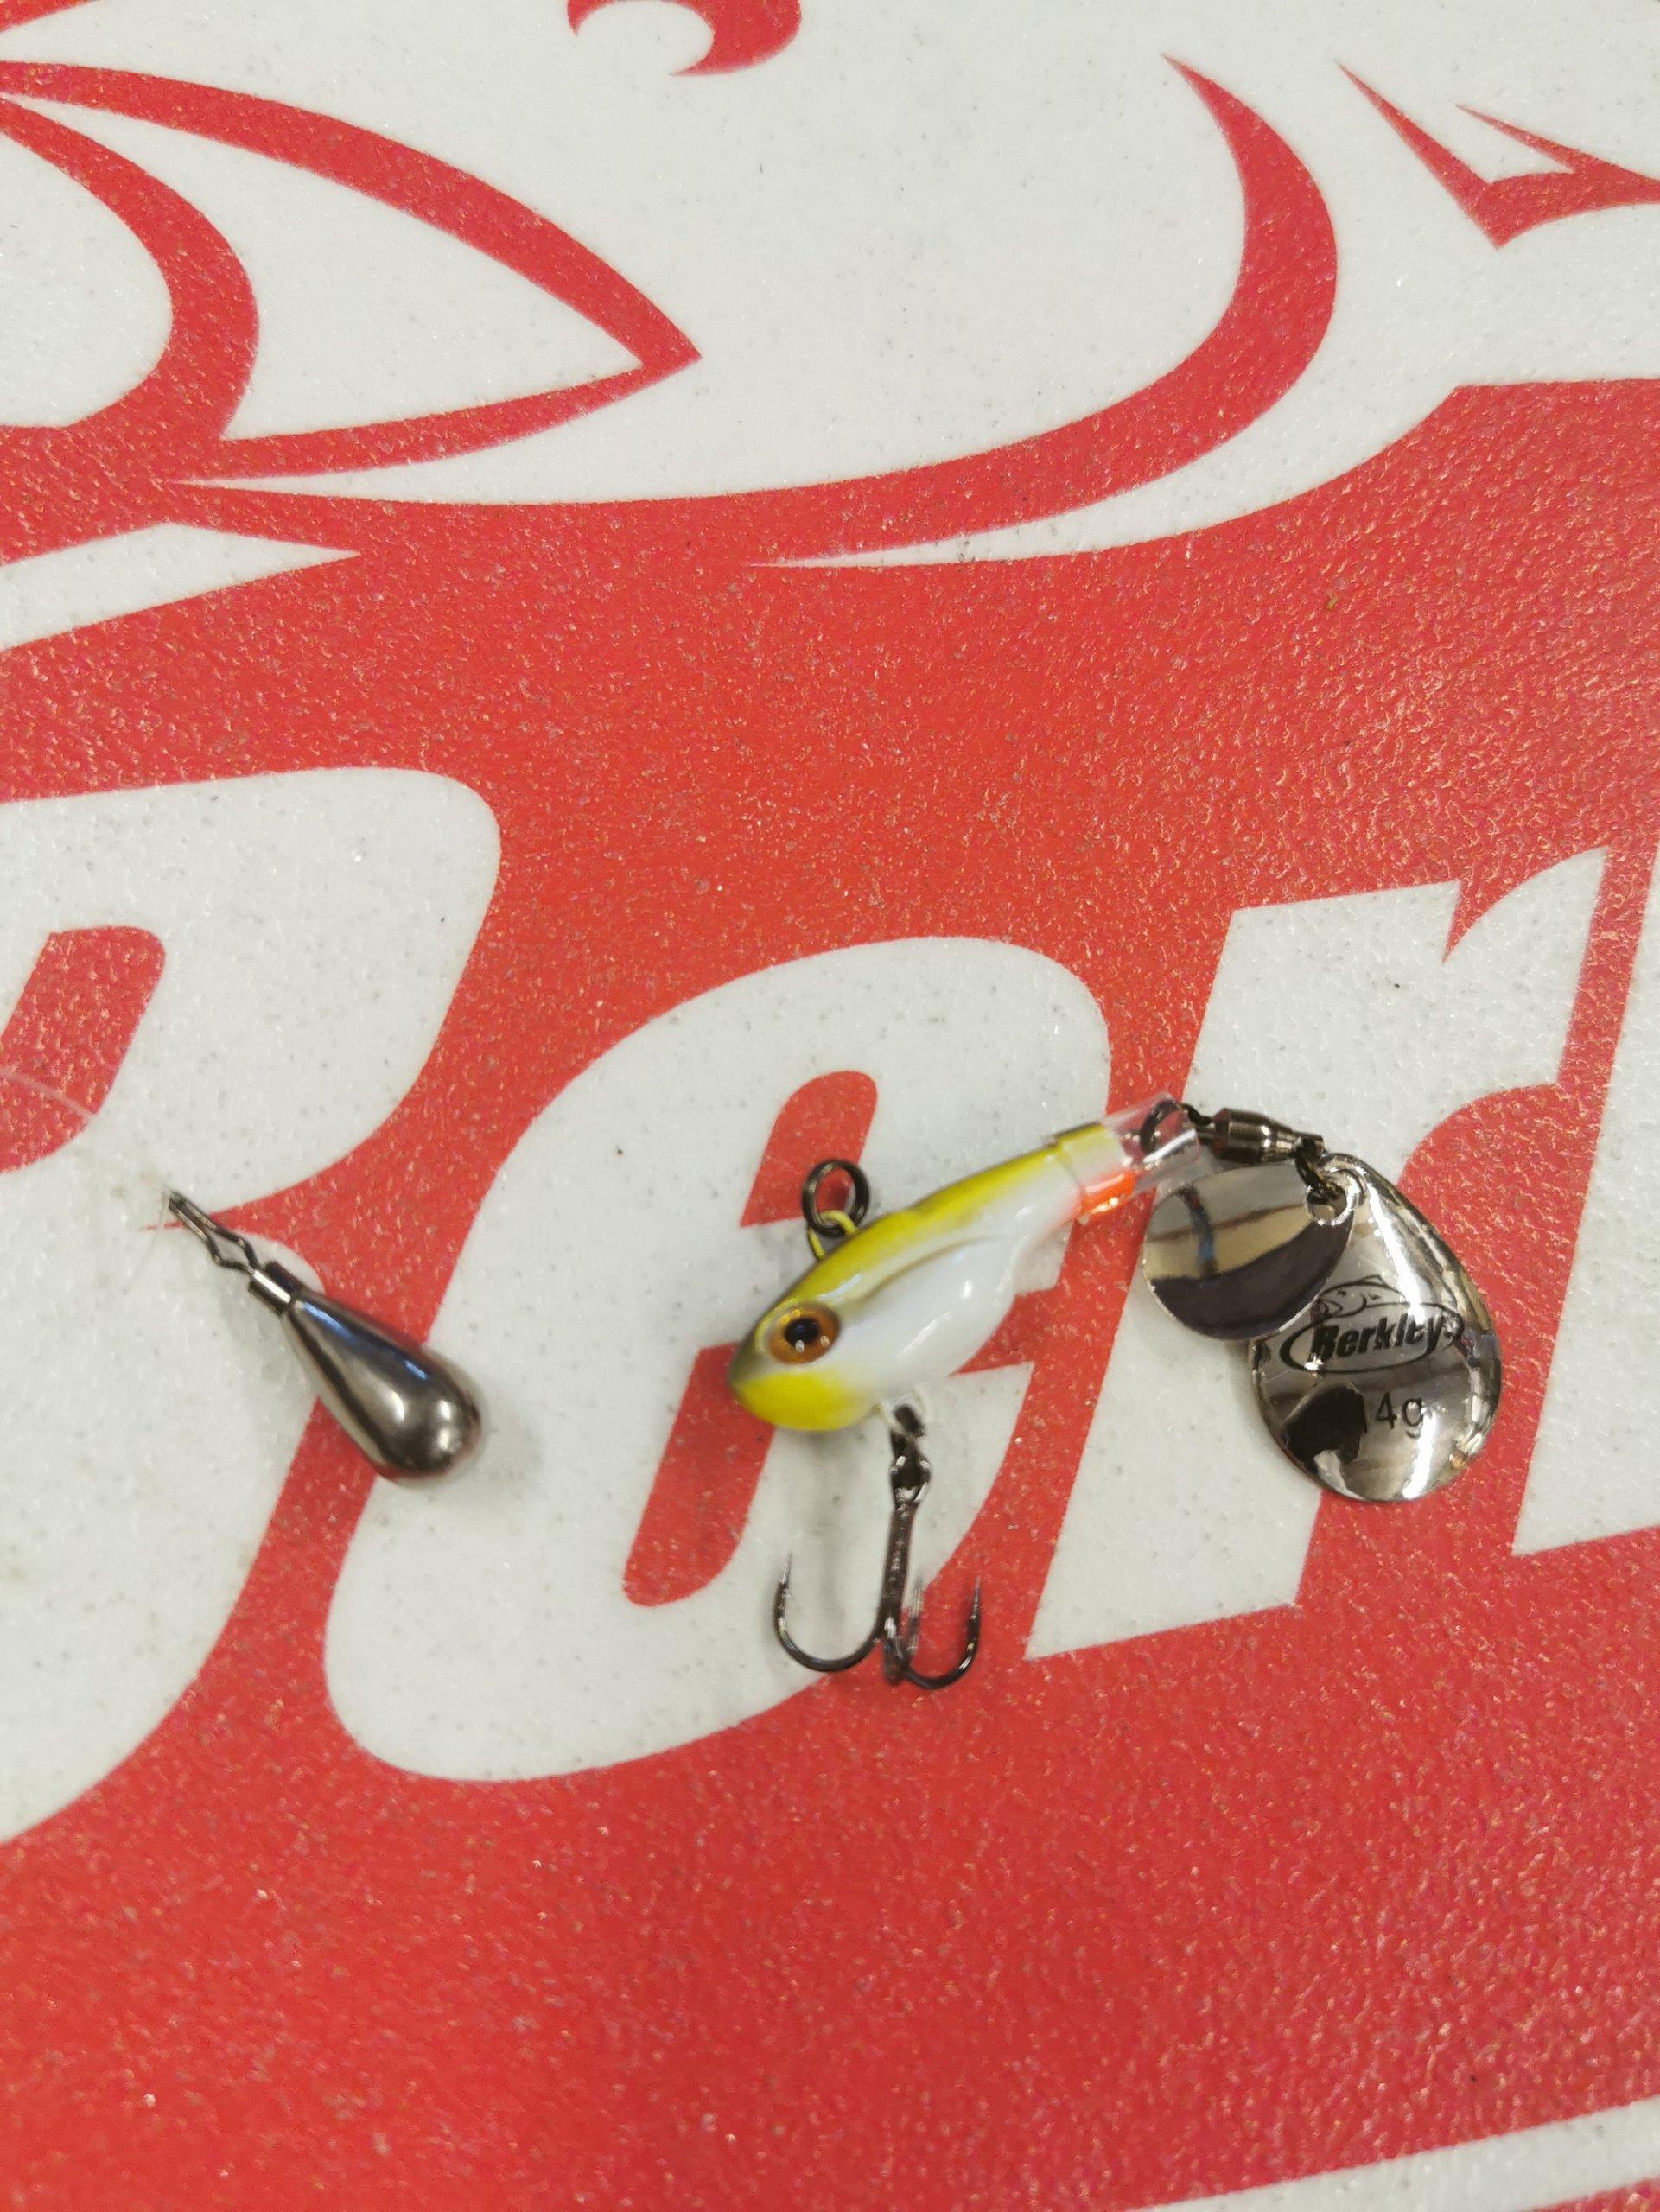 Wird ständig das Blei attackiert, kommen Metallköder wie Jig-Spinner zum Einsatz